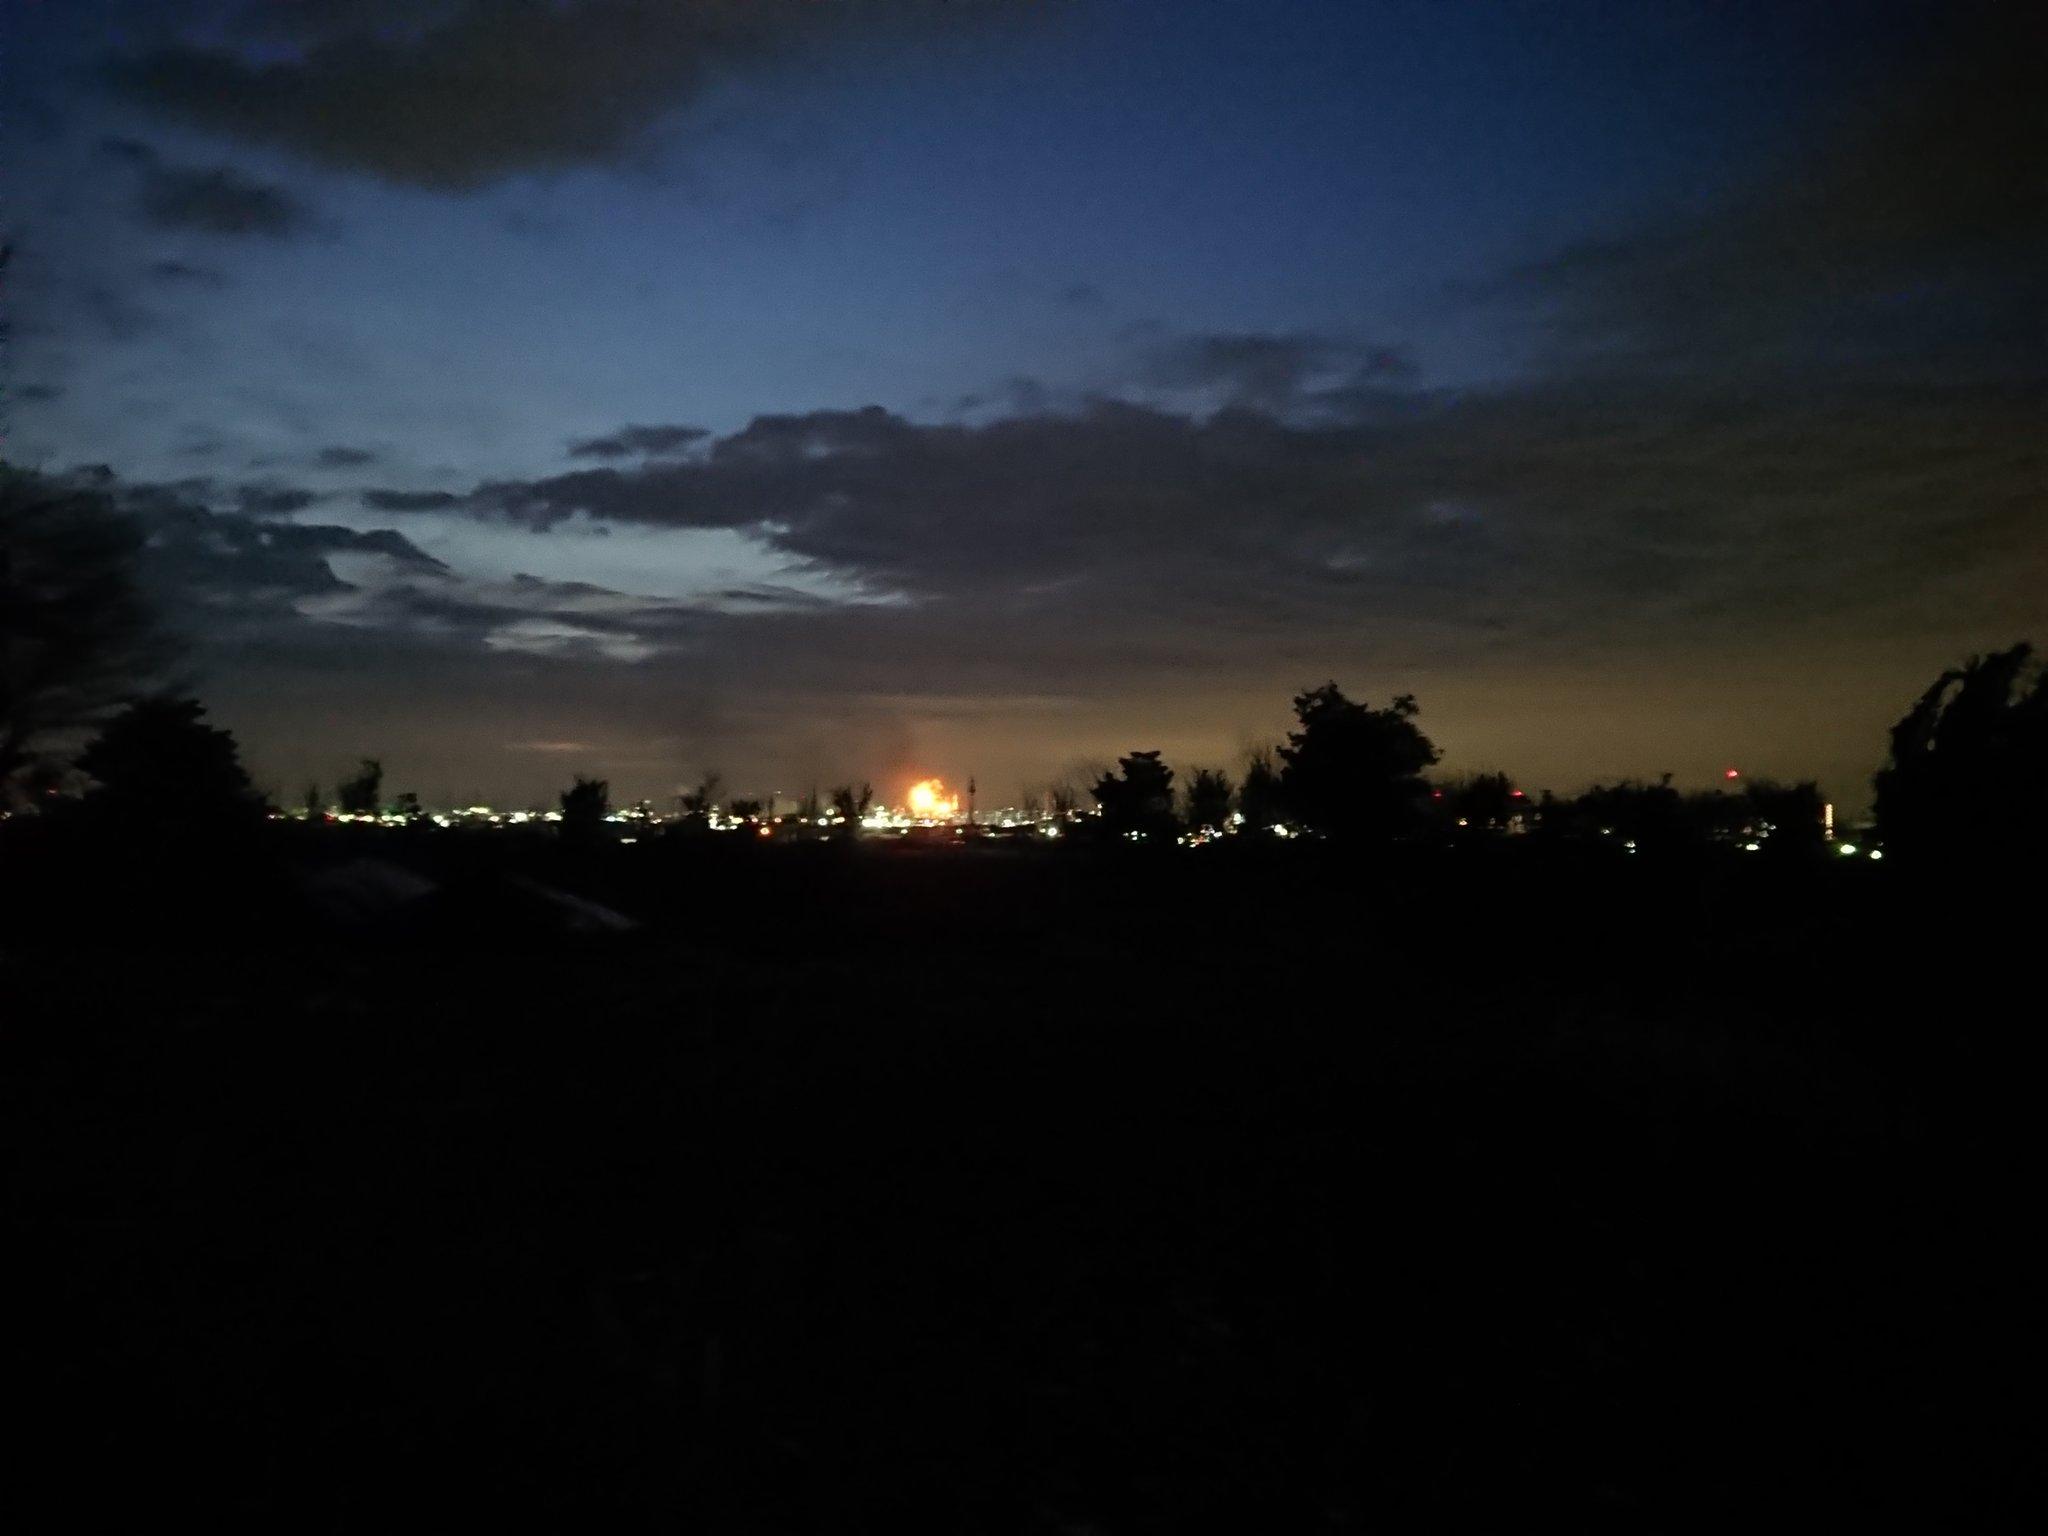 画像,千葉の停電は五井火力の火災とのこと。この辺りは普段からフレアスタックで火が灯っているから分からないけどもしかしてこれかな? https://t.co/Odcc5…